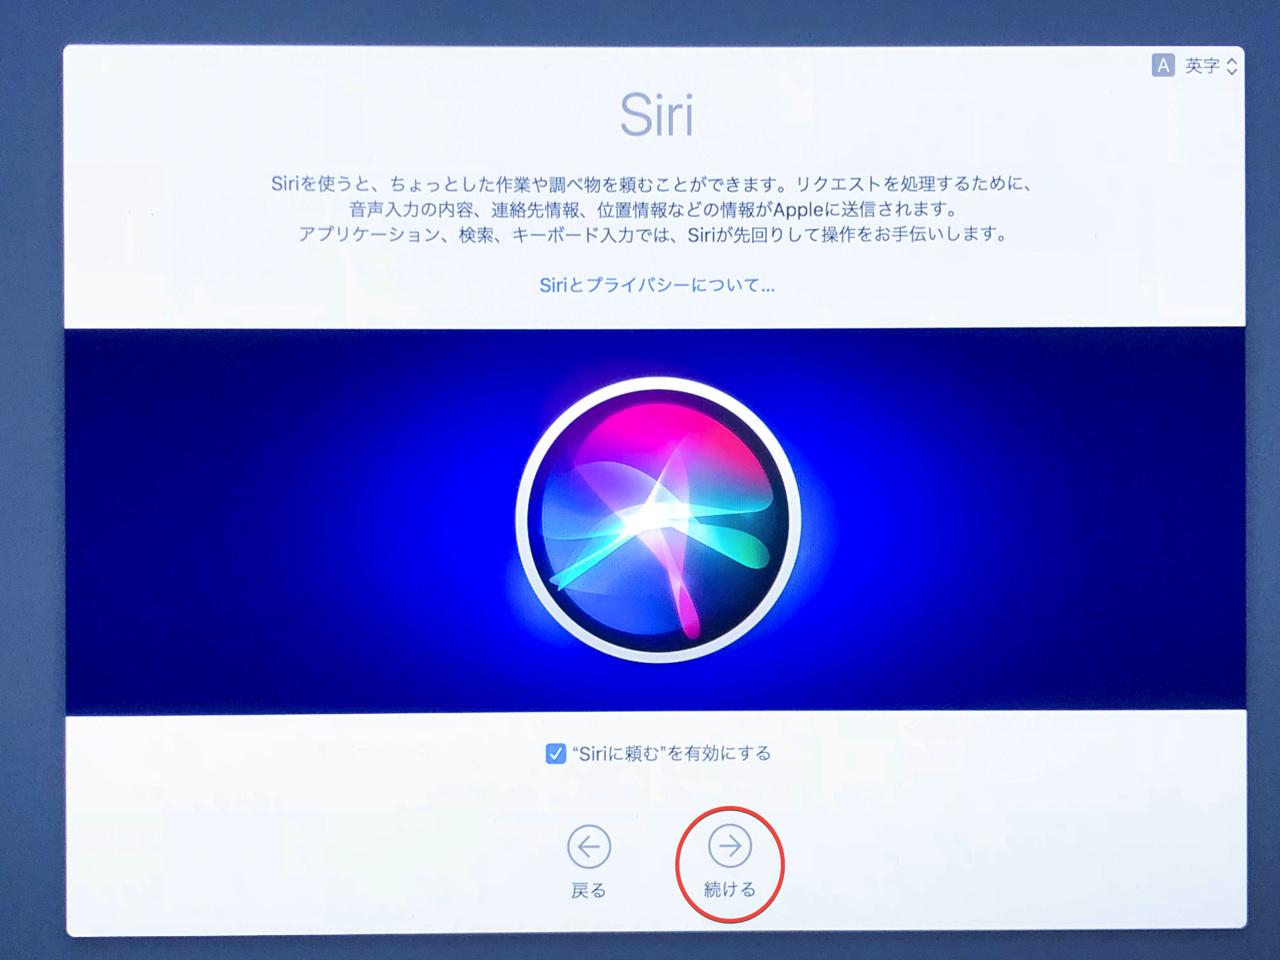 音声認識アシスタント「Siri」の設定